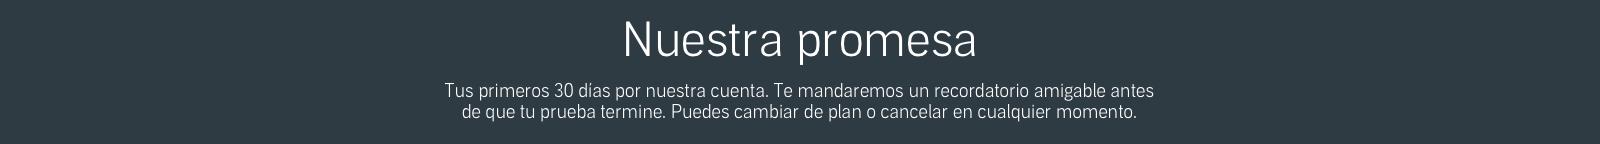 Nuestra promesa: cancela cuando quieras.